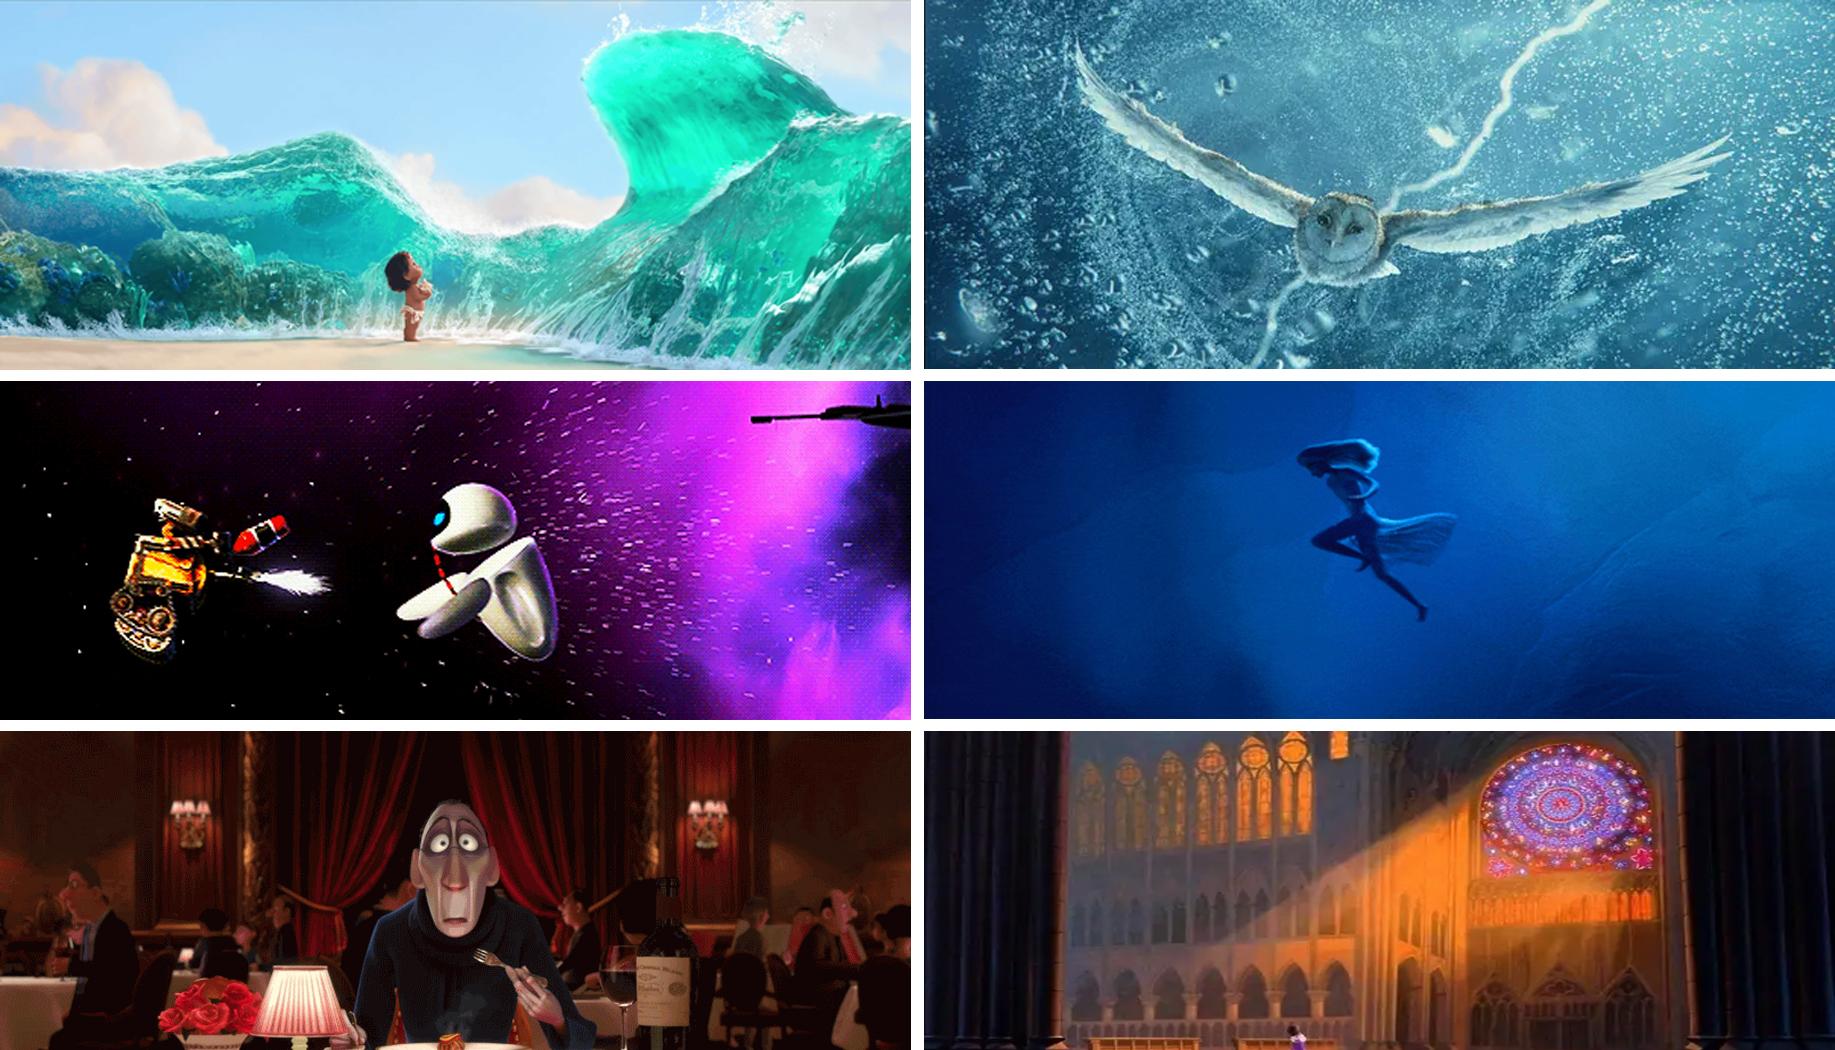 30 красивых и впечатляющих эпизодов в анимационных фильмах (по мнению пользователей Сети)